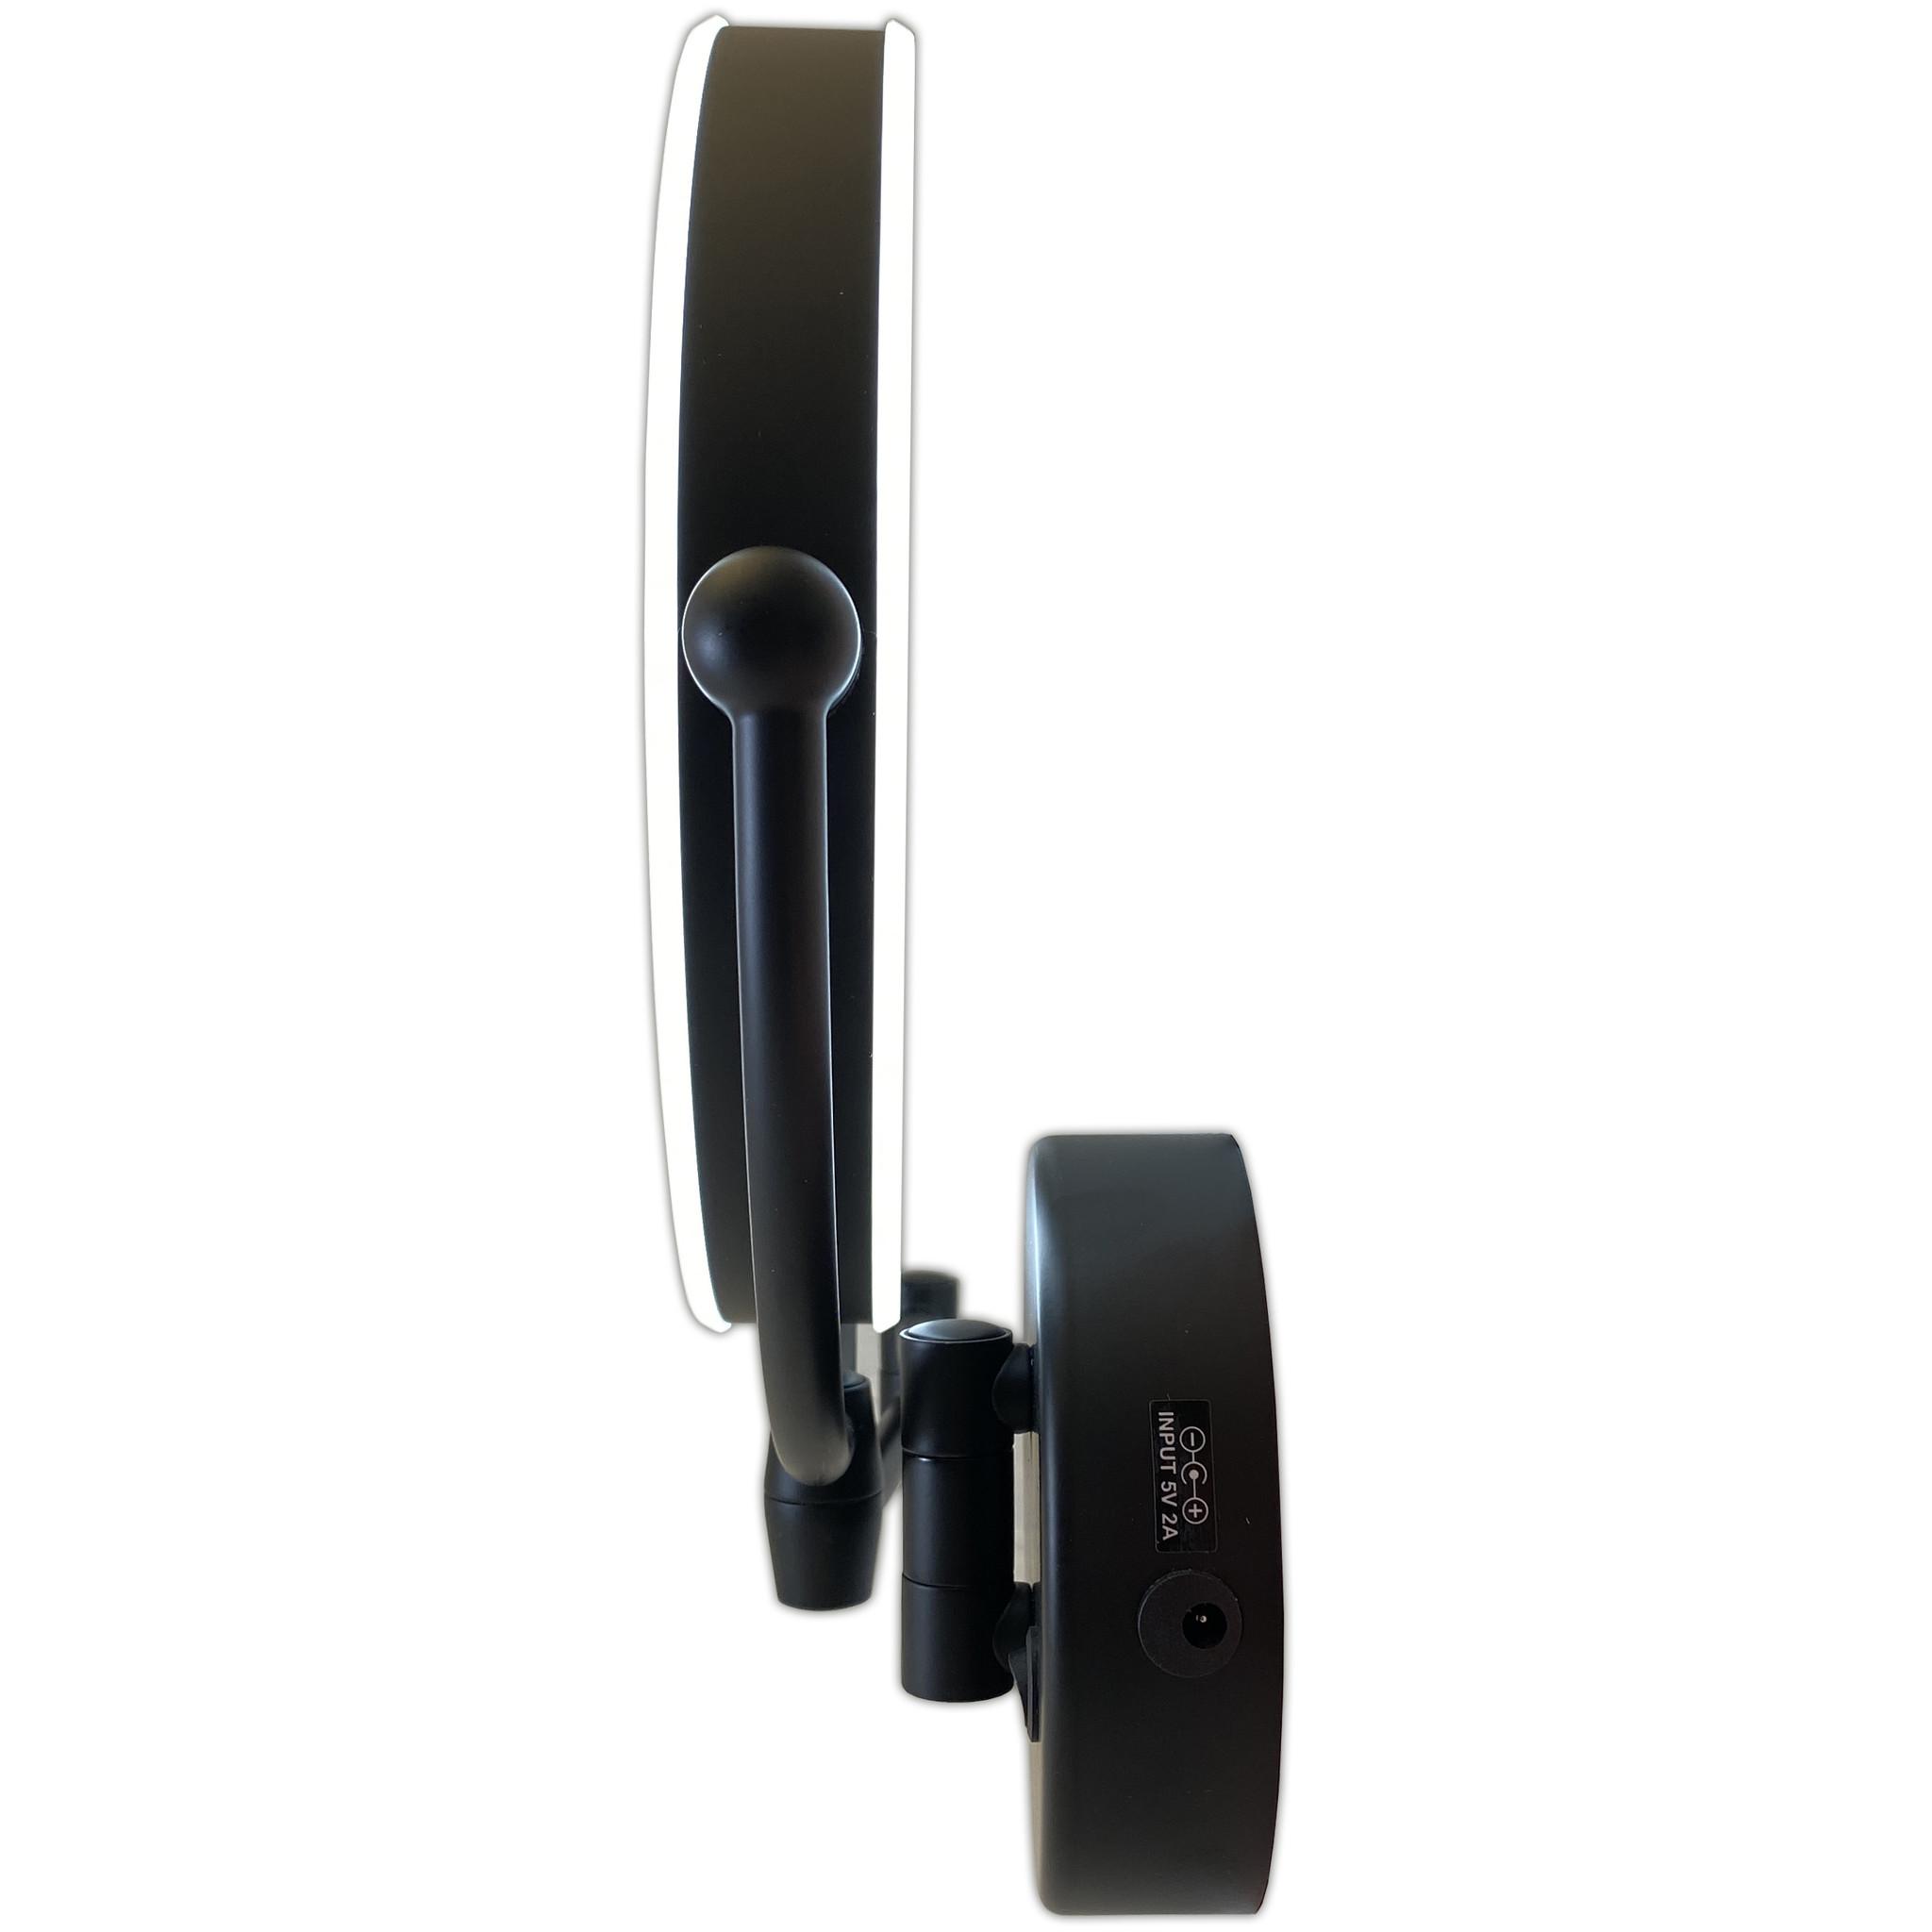 Gérard Brinard Metalen wand knik arm badkamer LED Spiegel mat zwart, Dubbelzijdig verlicht, 10x vergroting 22cm doorsnee, inculsief 4x AA batterijen en stroomkabel(USB).